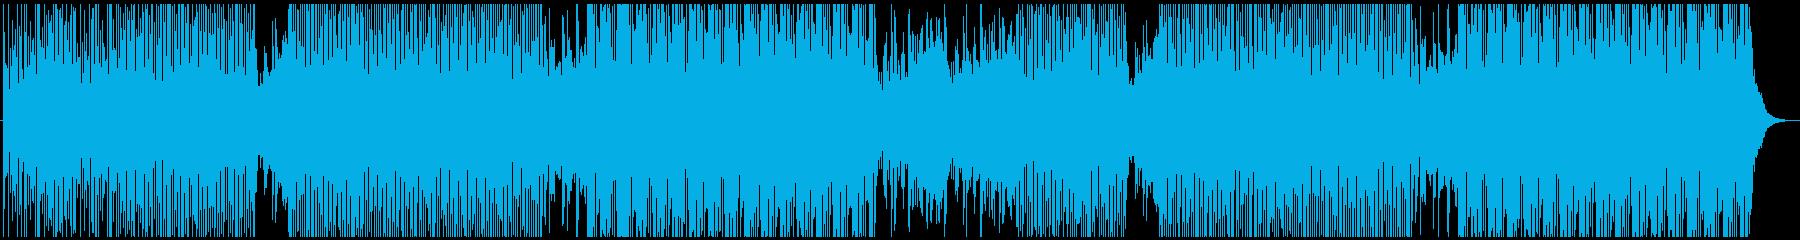 ポップ テクノ ファンク おしゃれ...の再生済みの波形